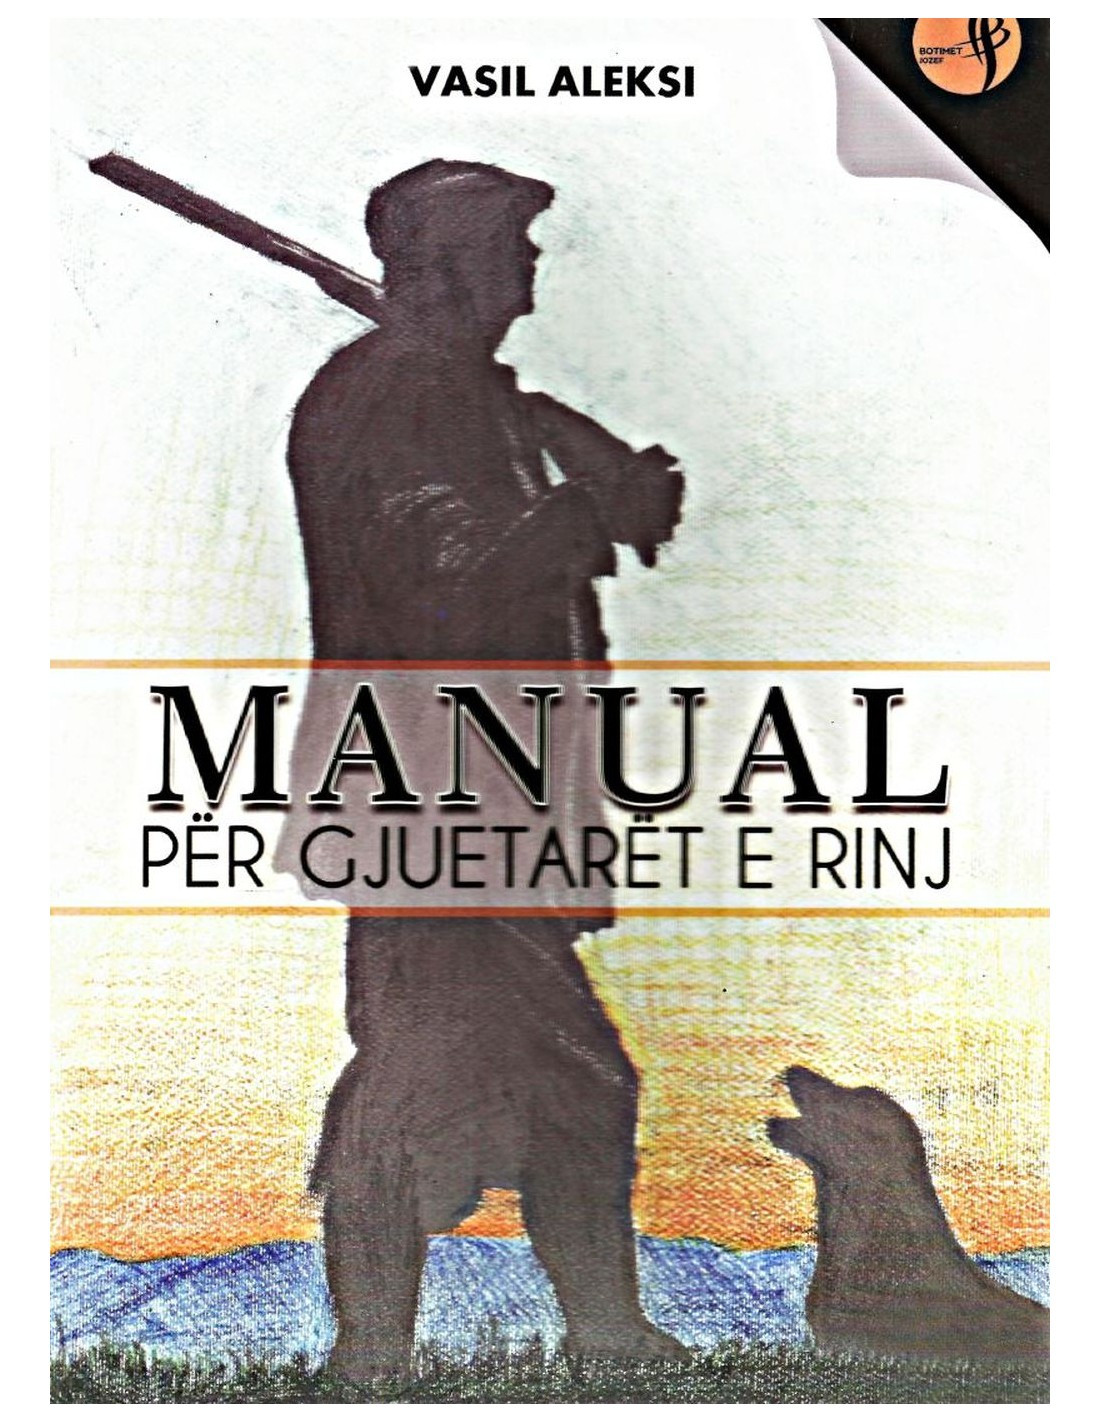 Manual per gjuetaret e rinj